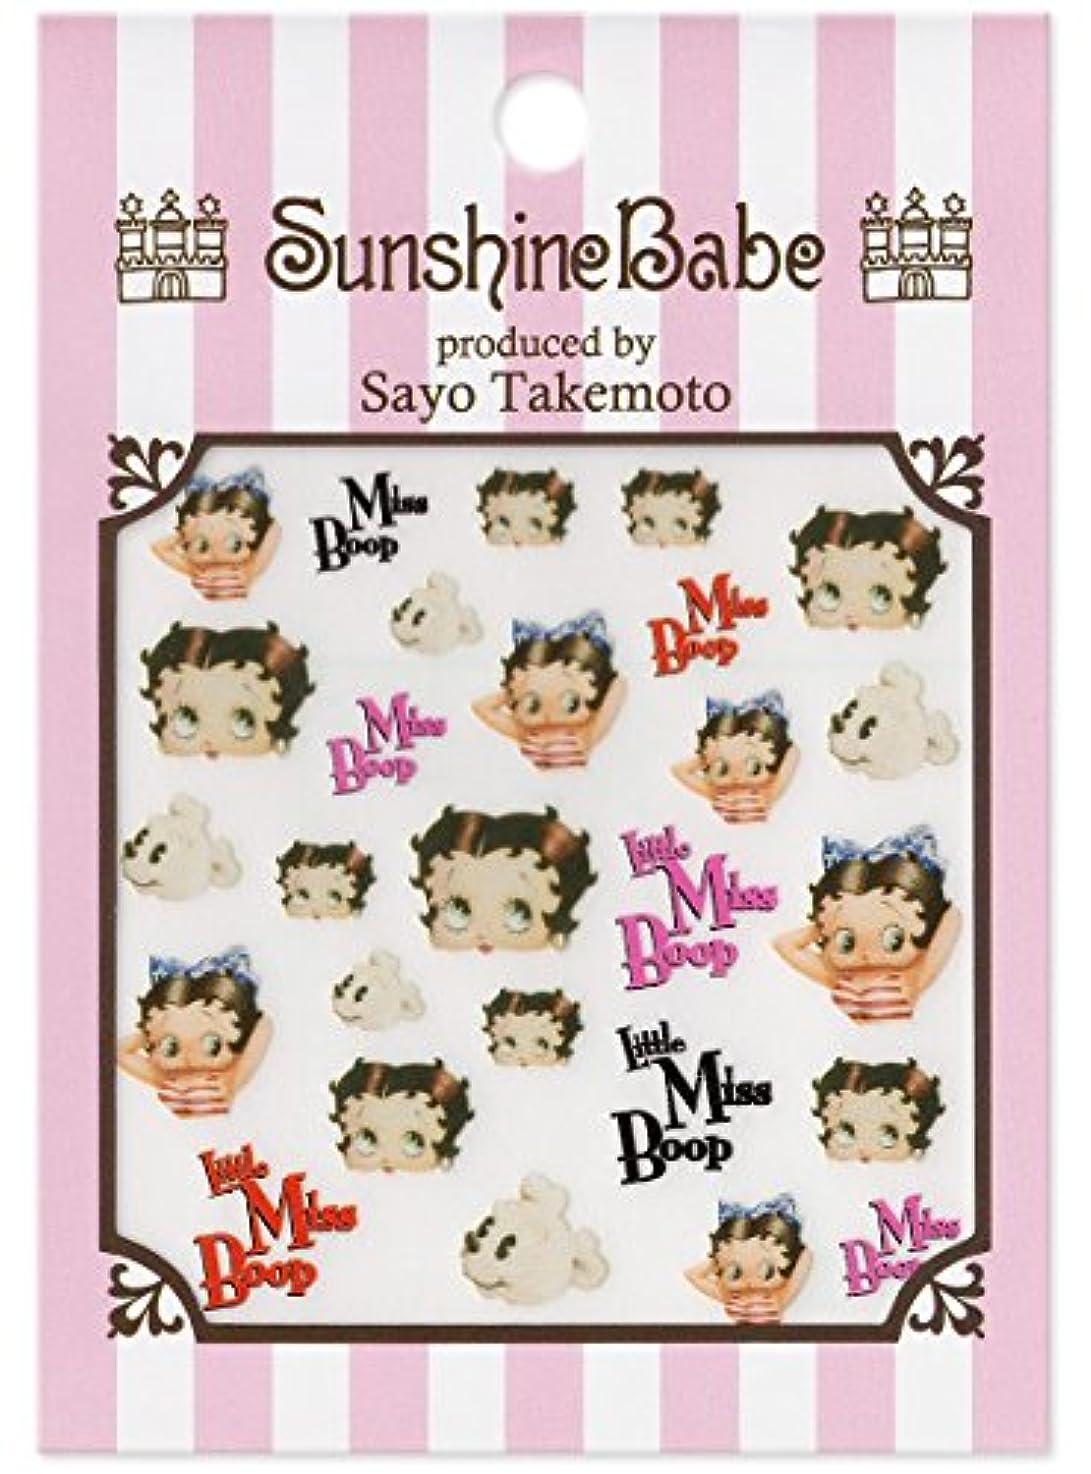 勤勉対応種サンシャインベビー ジェルネイル 武本小夜のネイルシール Sayo Style Little Miss Boop